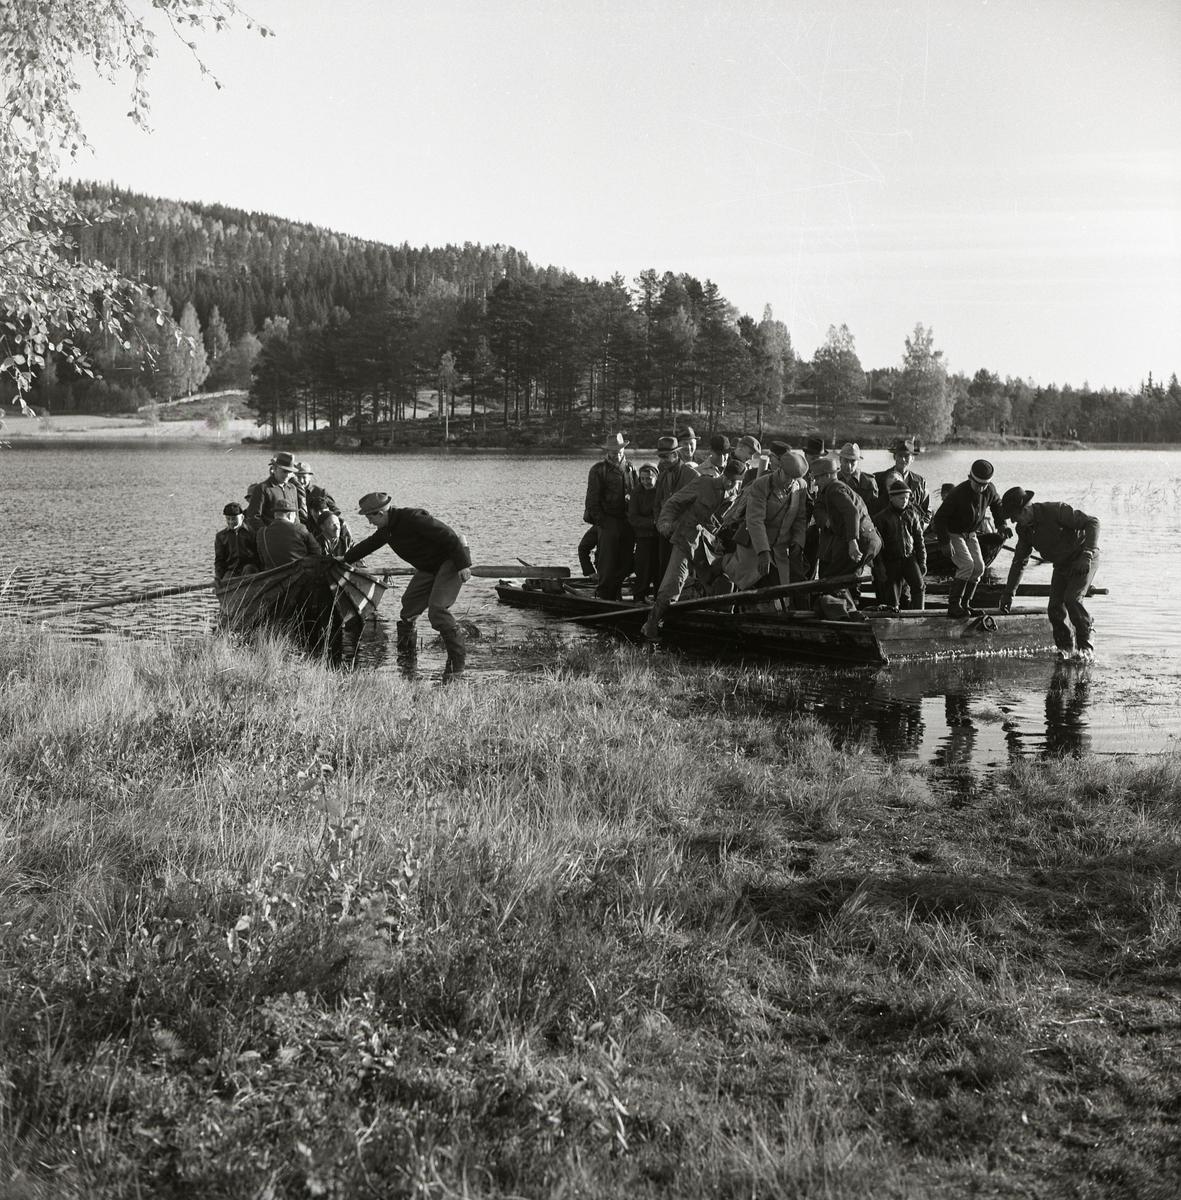 Några människor drar in en båt och en flotte till land vid sjön Stornien, 6 oktober 1957.